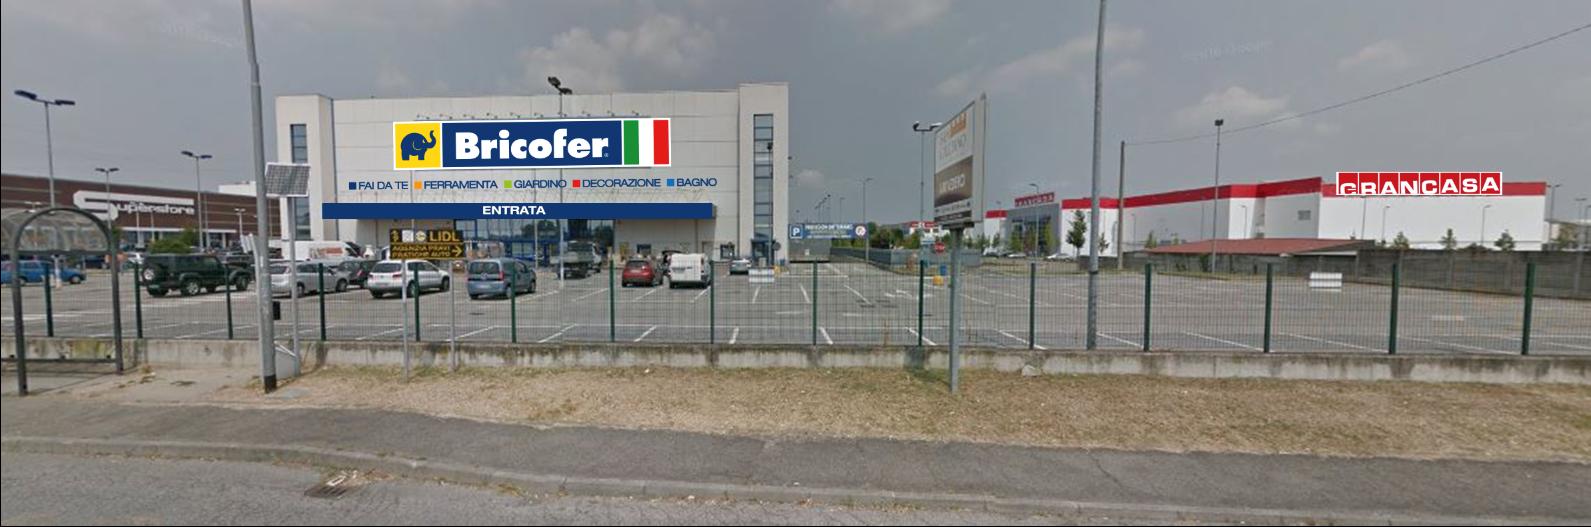 Bricofer acquisisce dieci punti vendita granbrico riccieri e cappelli - Grancasa nerviano ...